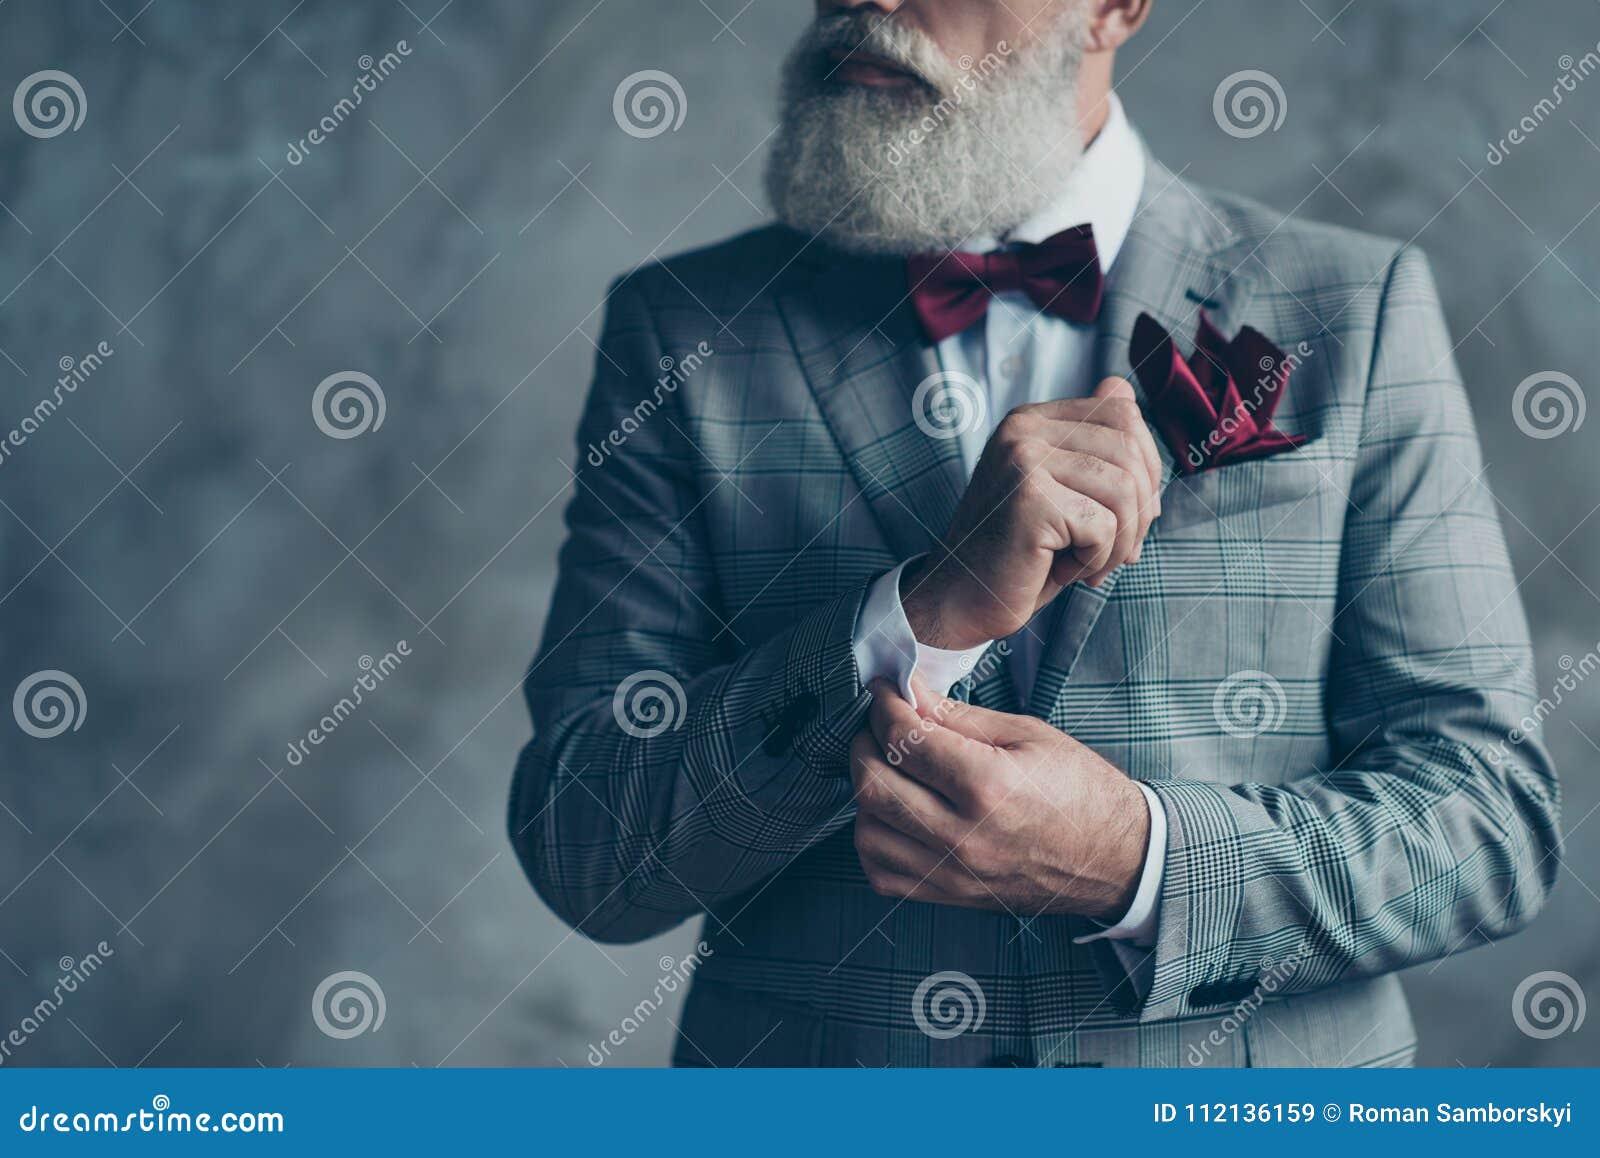 Photo haute étroite cultivée de r riche à la mode luxueux viril chic